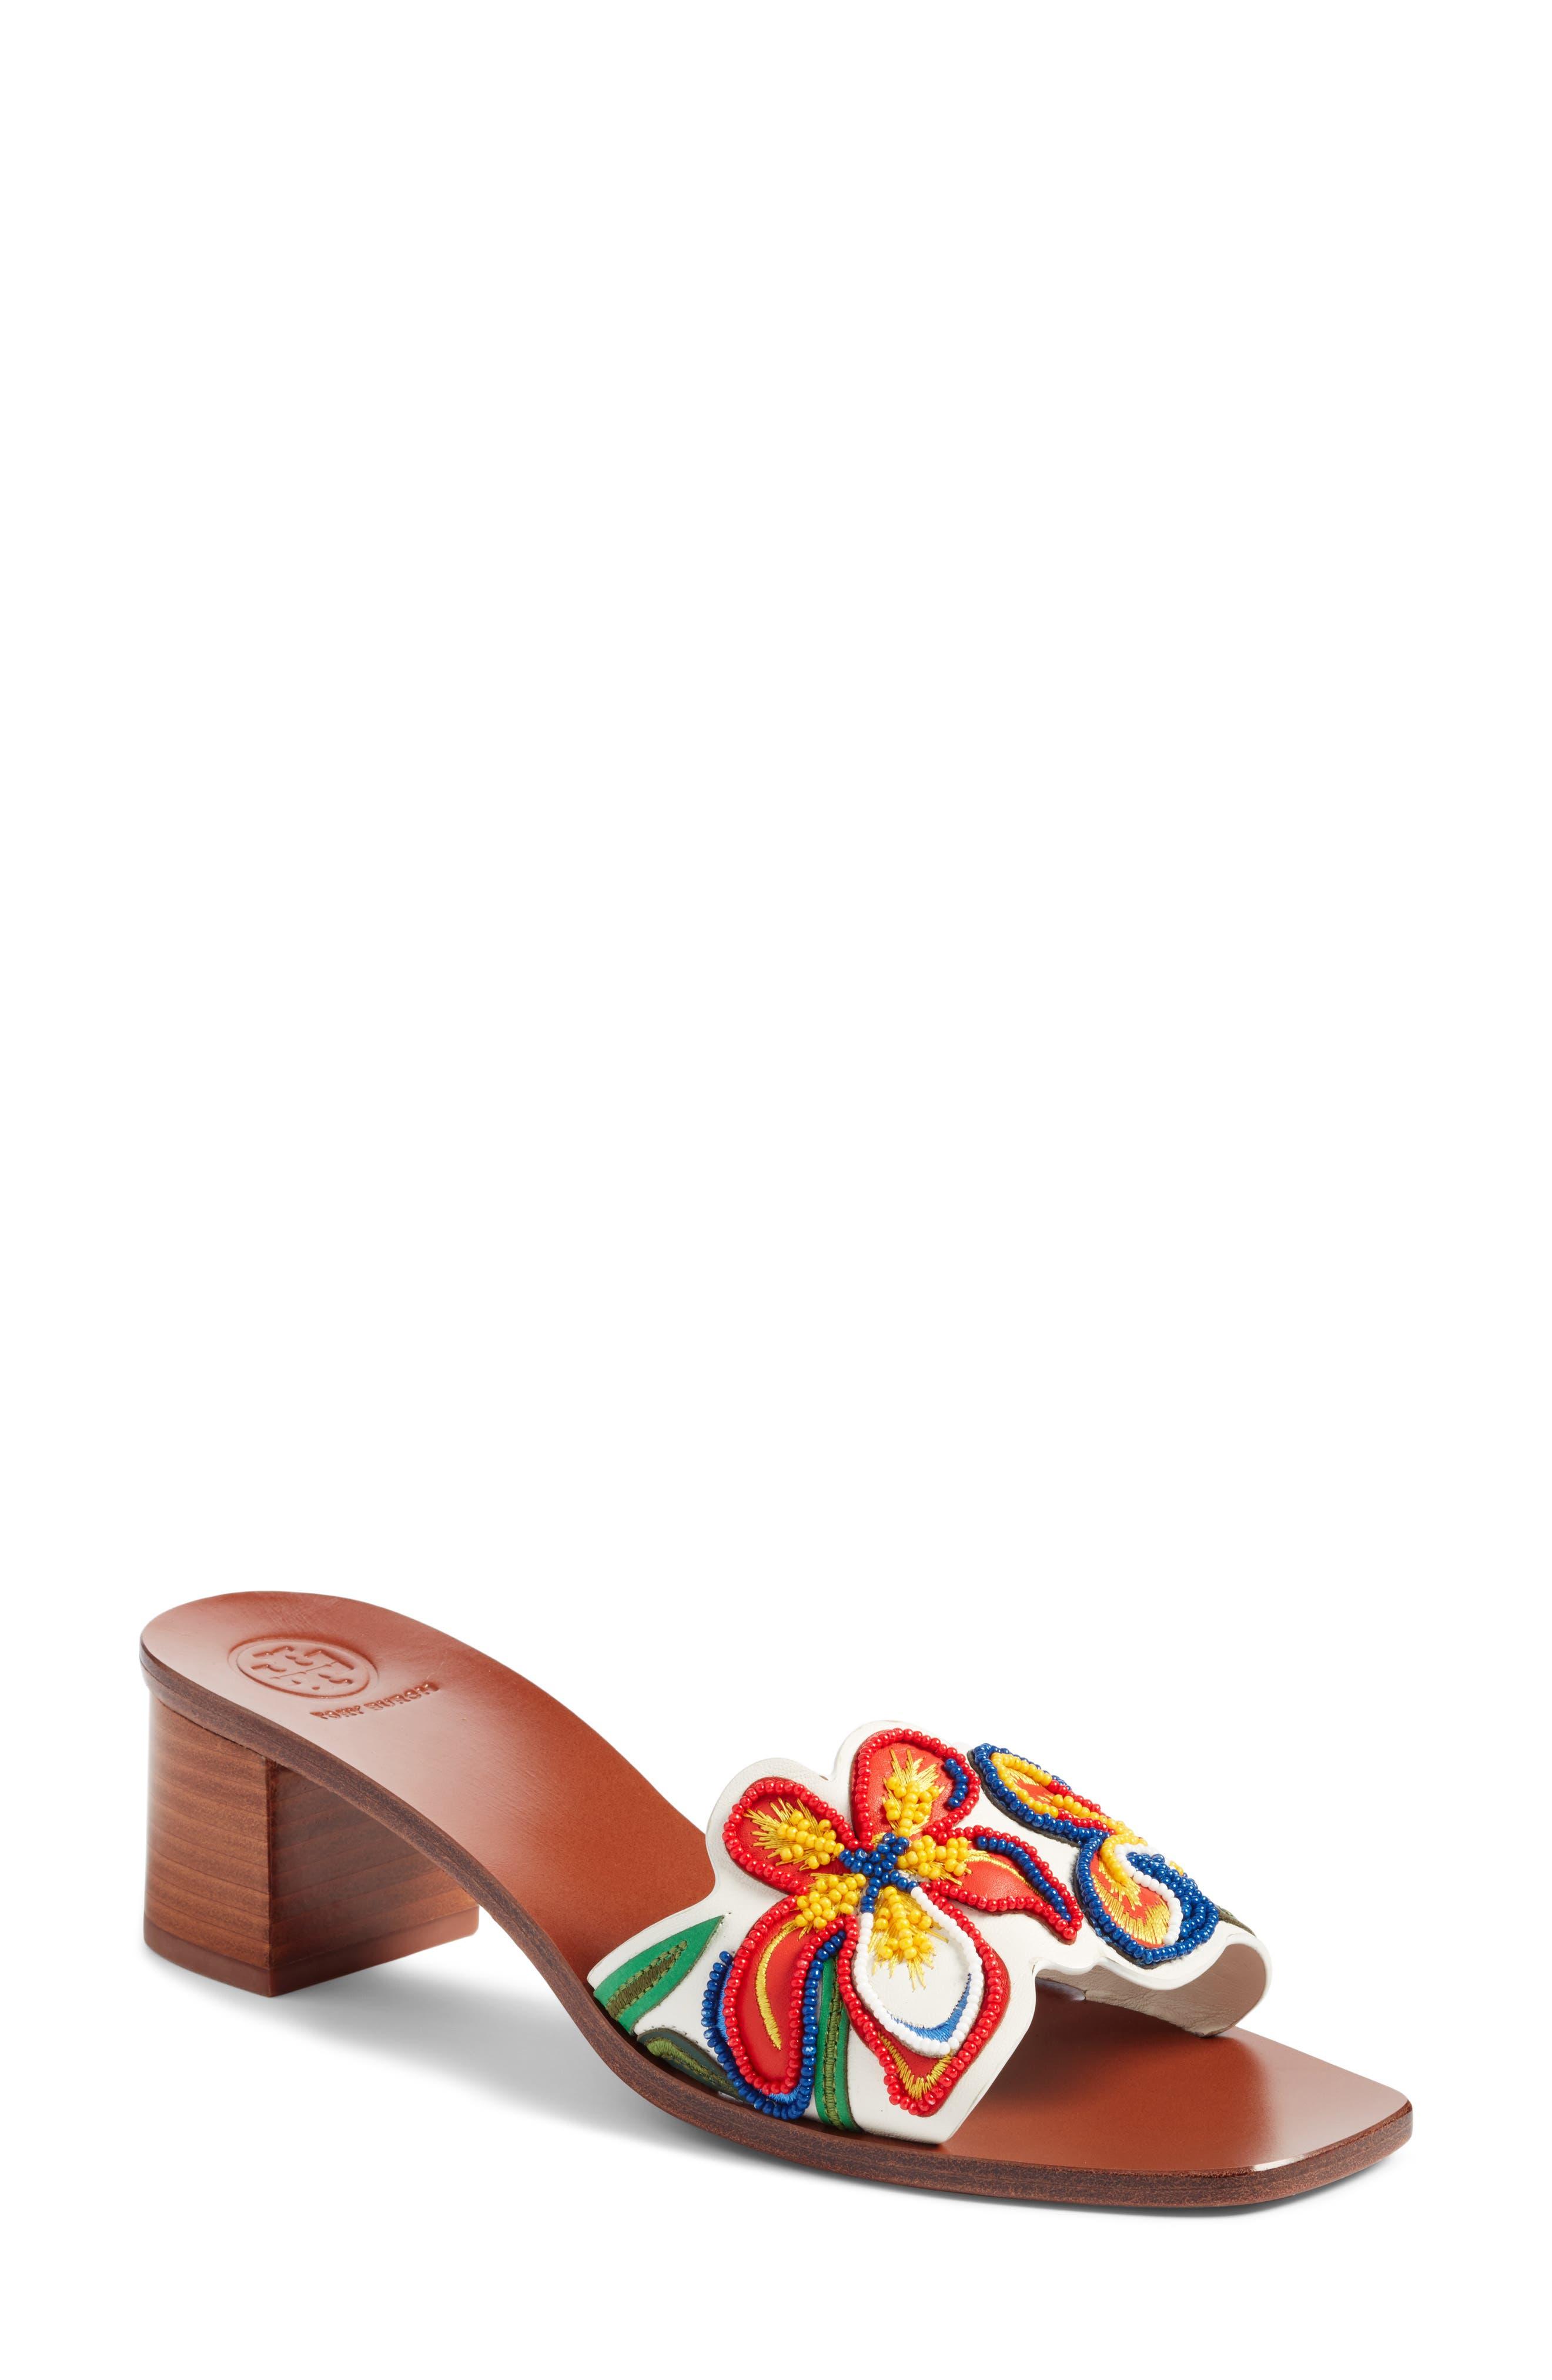 Bianca Floral Embellished Slide Sandal,                         Main,                         color, Perfect Ivory/ Multi Color